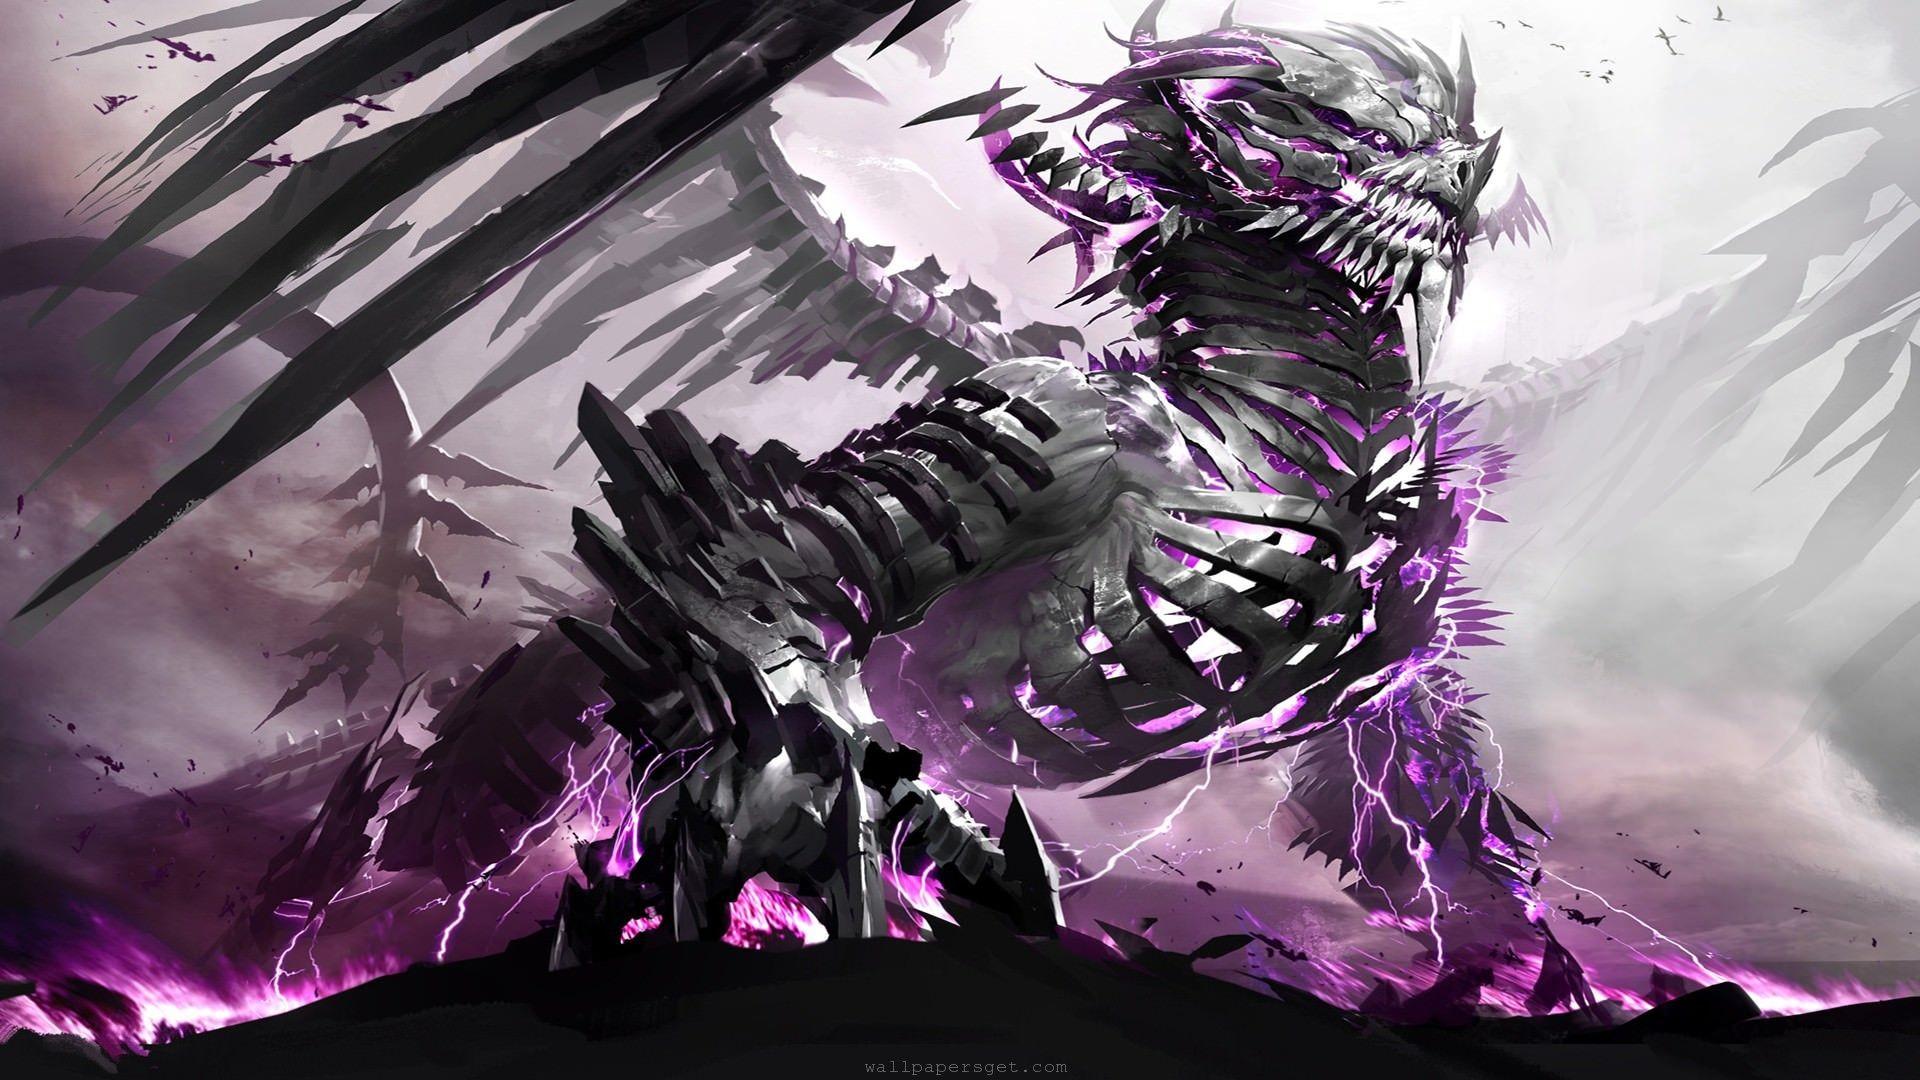 Res: 1920x1080, Purple Dragon HD Desktop Wallpaper (19201080)